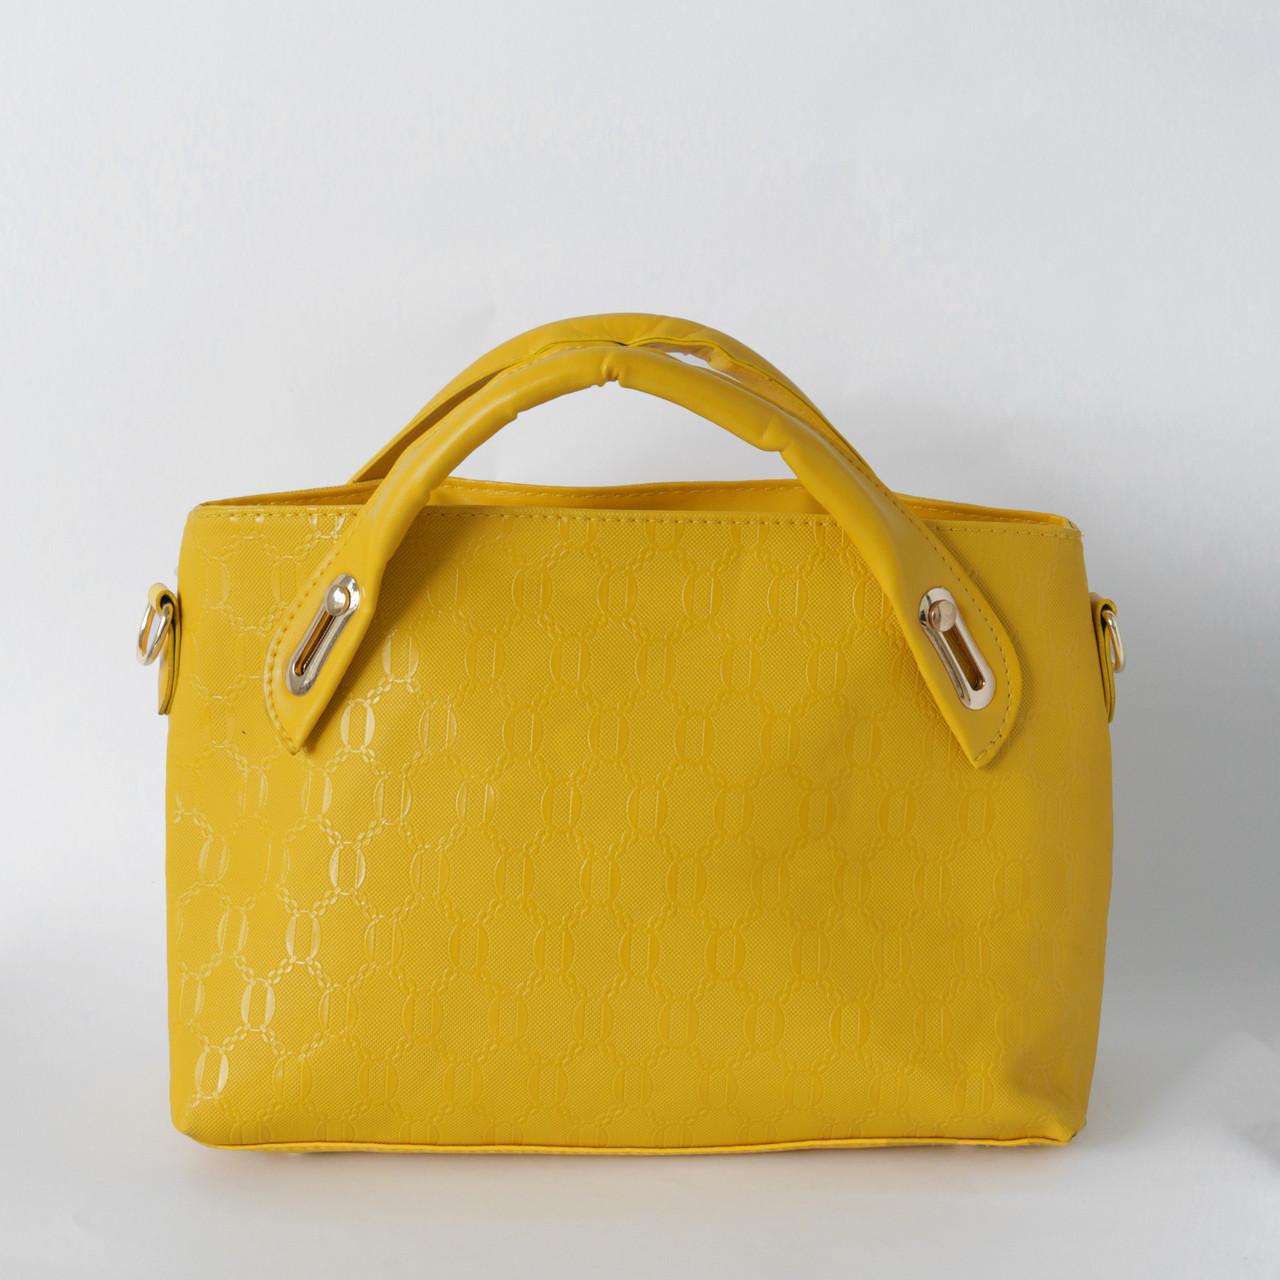 7f687966657 Яркая женская сумка из экокожи желтая купить по выгодной цене в Украине.  женские ...